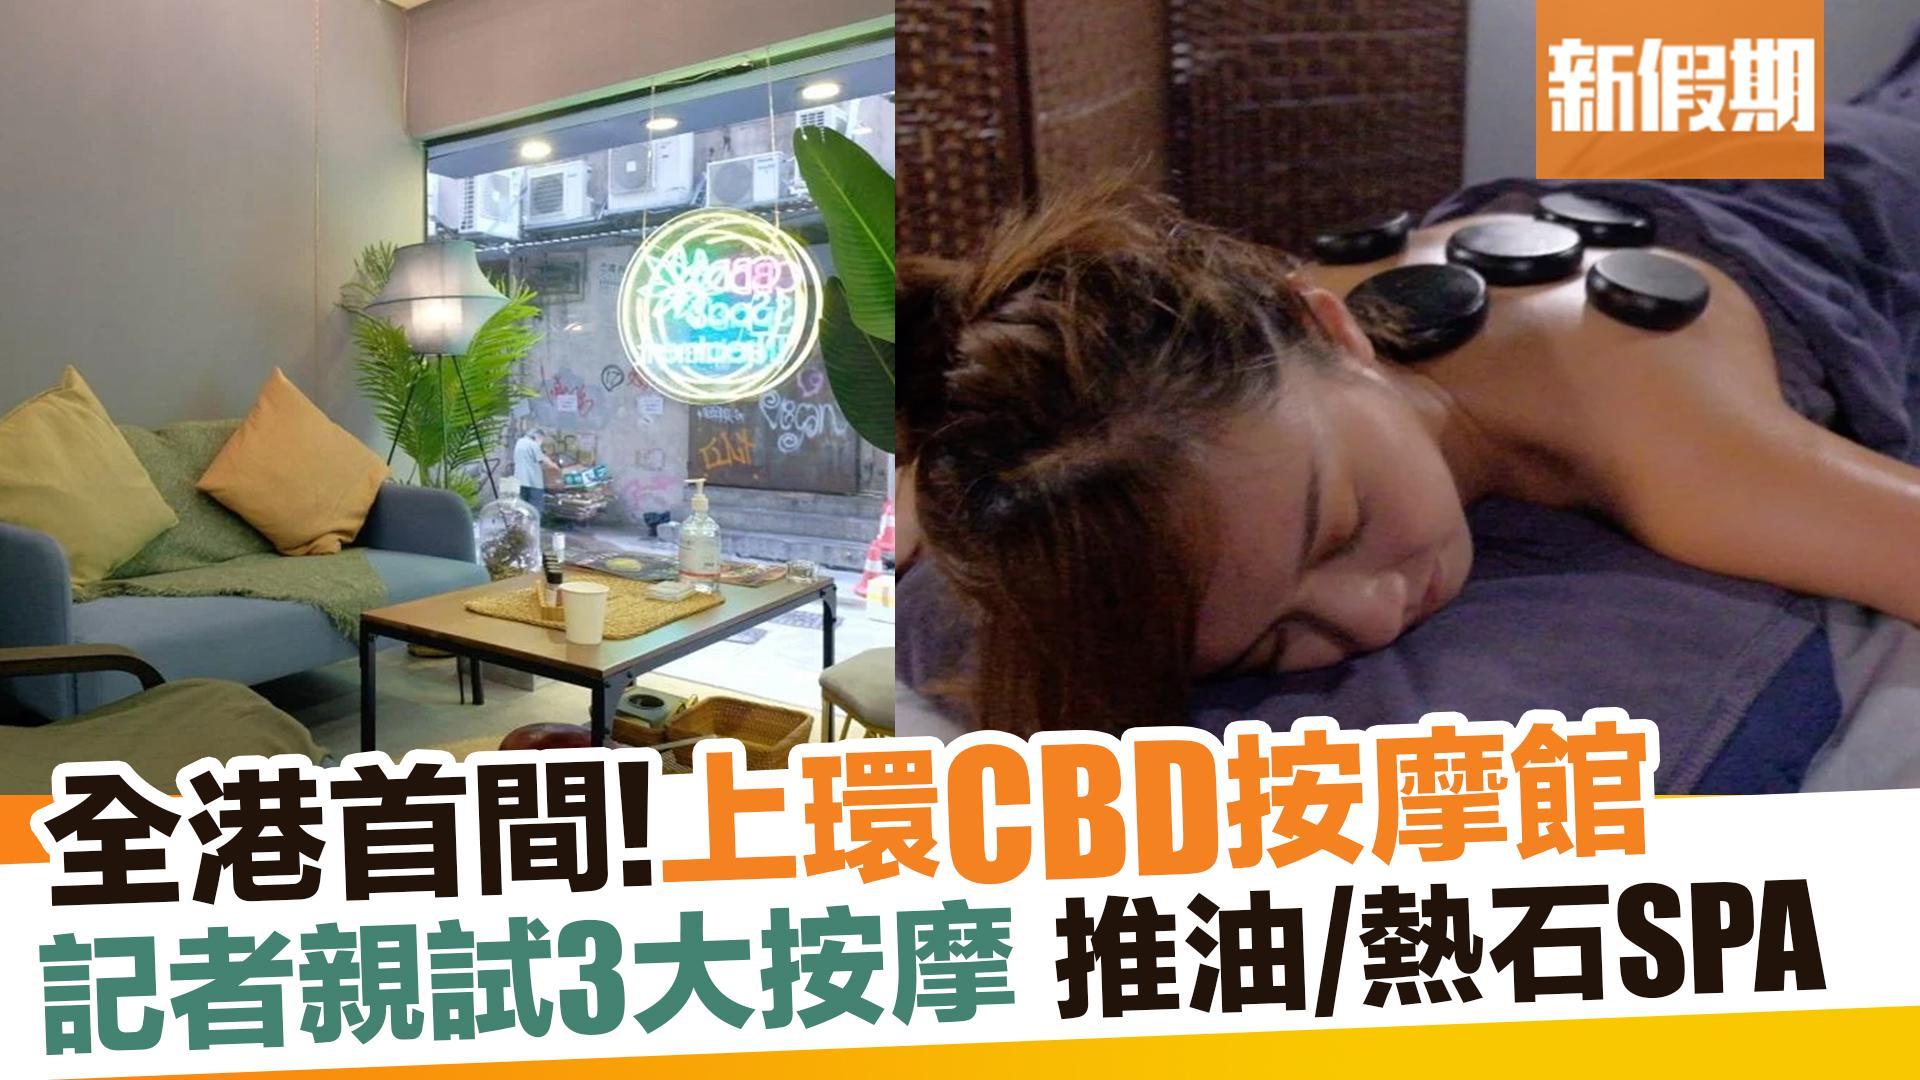 【香港好去處】全港首間CBD SPA!上環兩層高「二酚公館」全新開幕 記者親試!香薰推油/熱石按摩+工業風裝潢|新假期